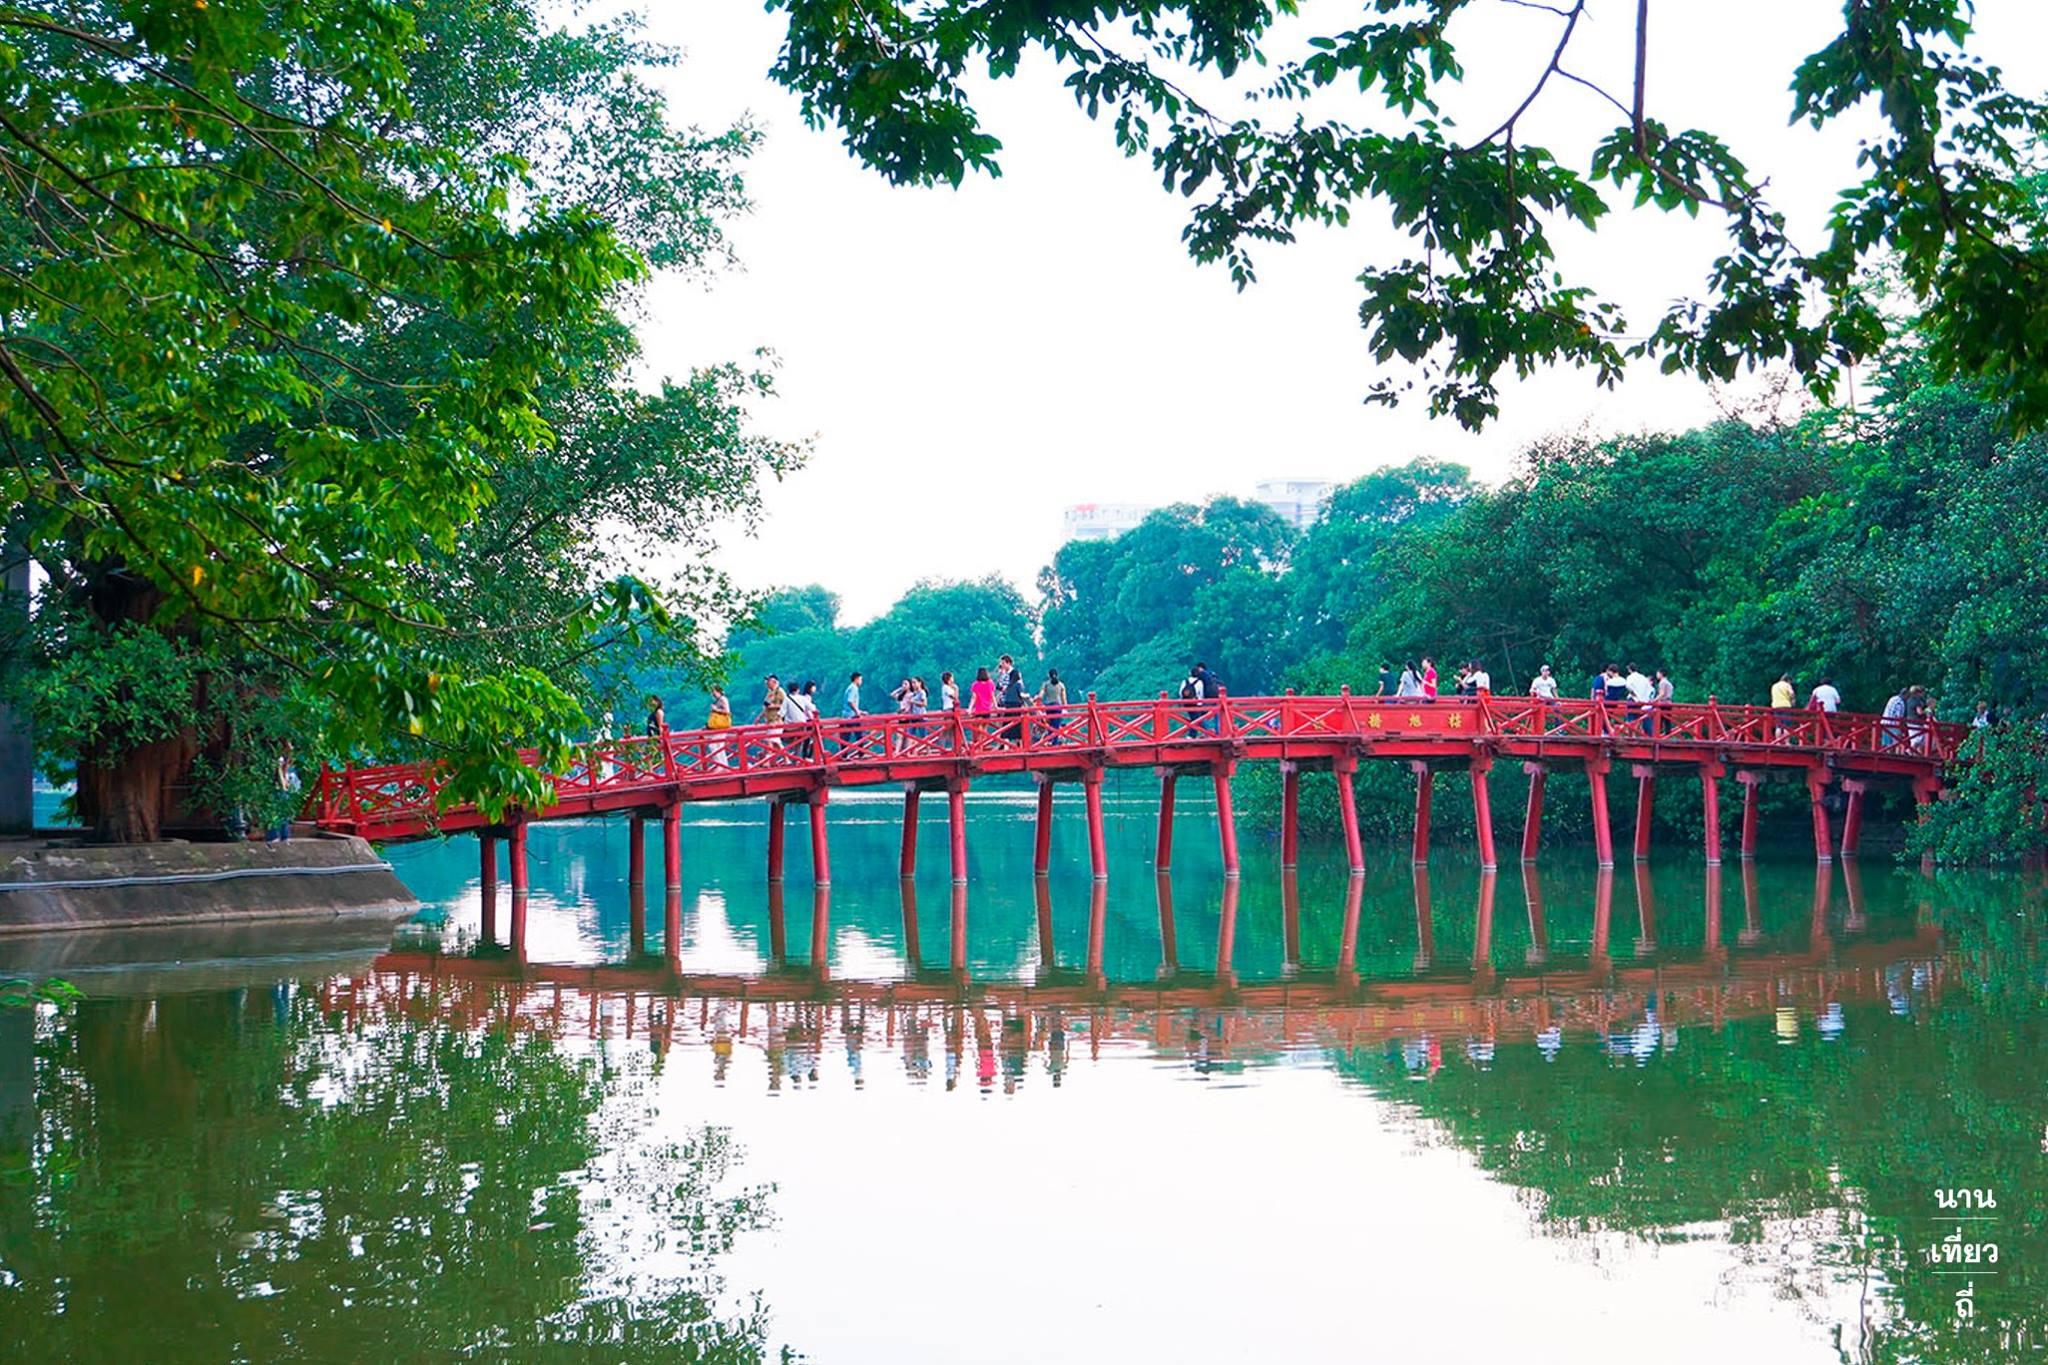 เที่ยวเวียดนาม โคตรจะงาม ฮานอย ฮาลอง - Pantip